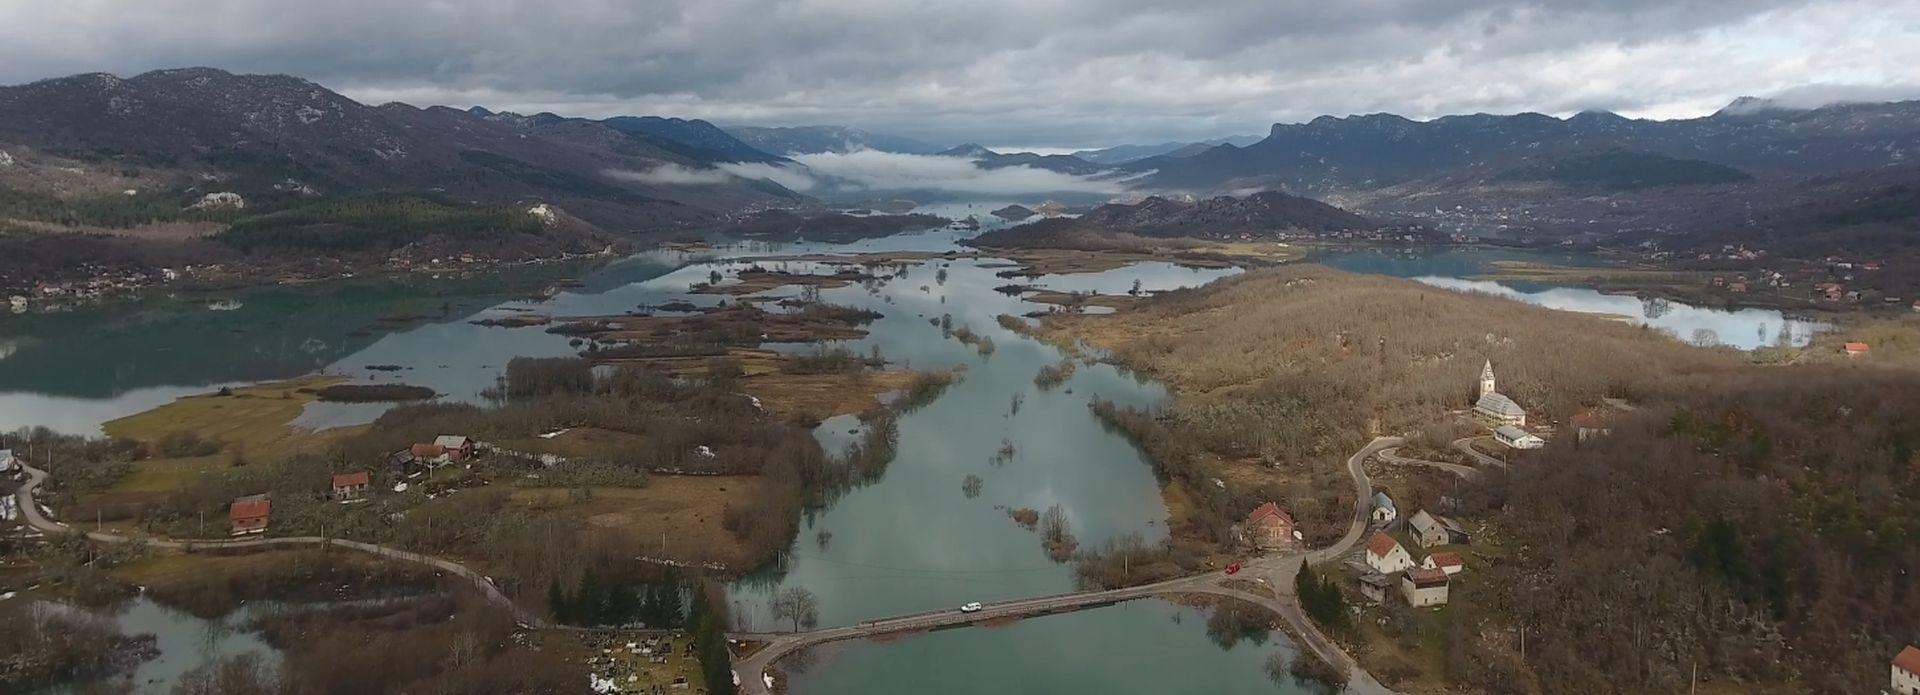 VIDEO: Pogledajte snimke poplavljenog Kosinja iz zraka